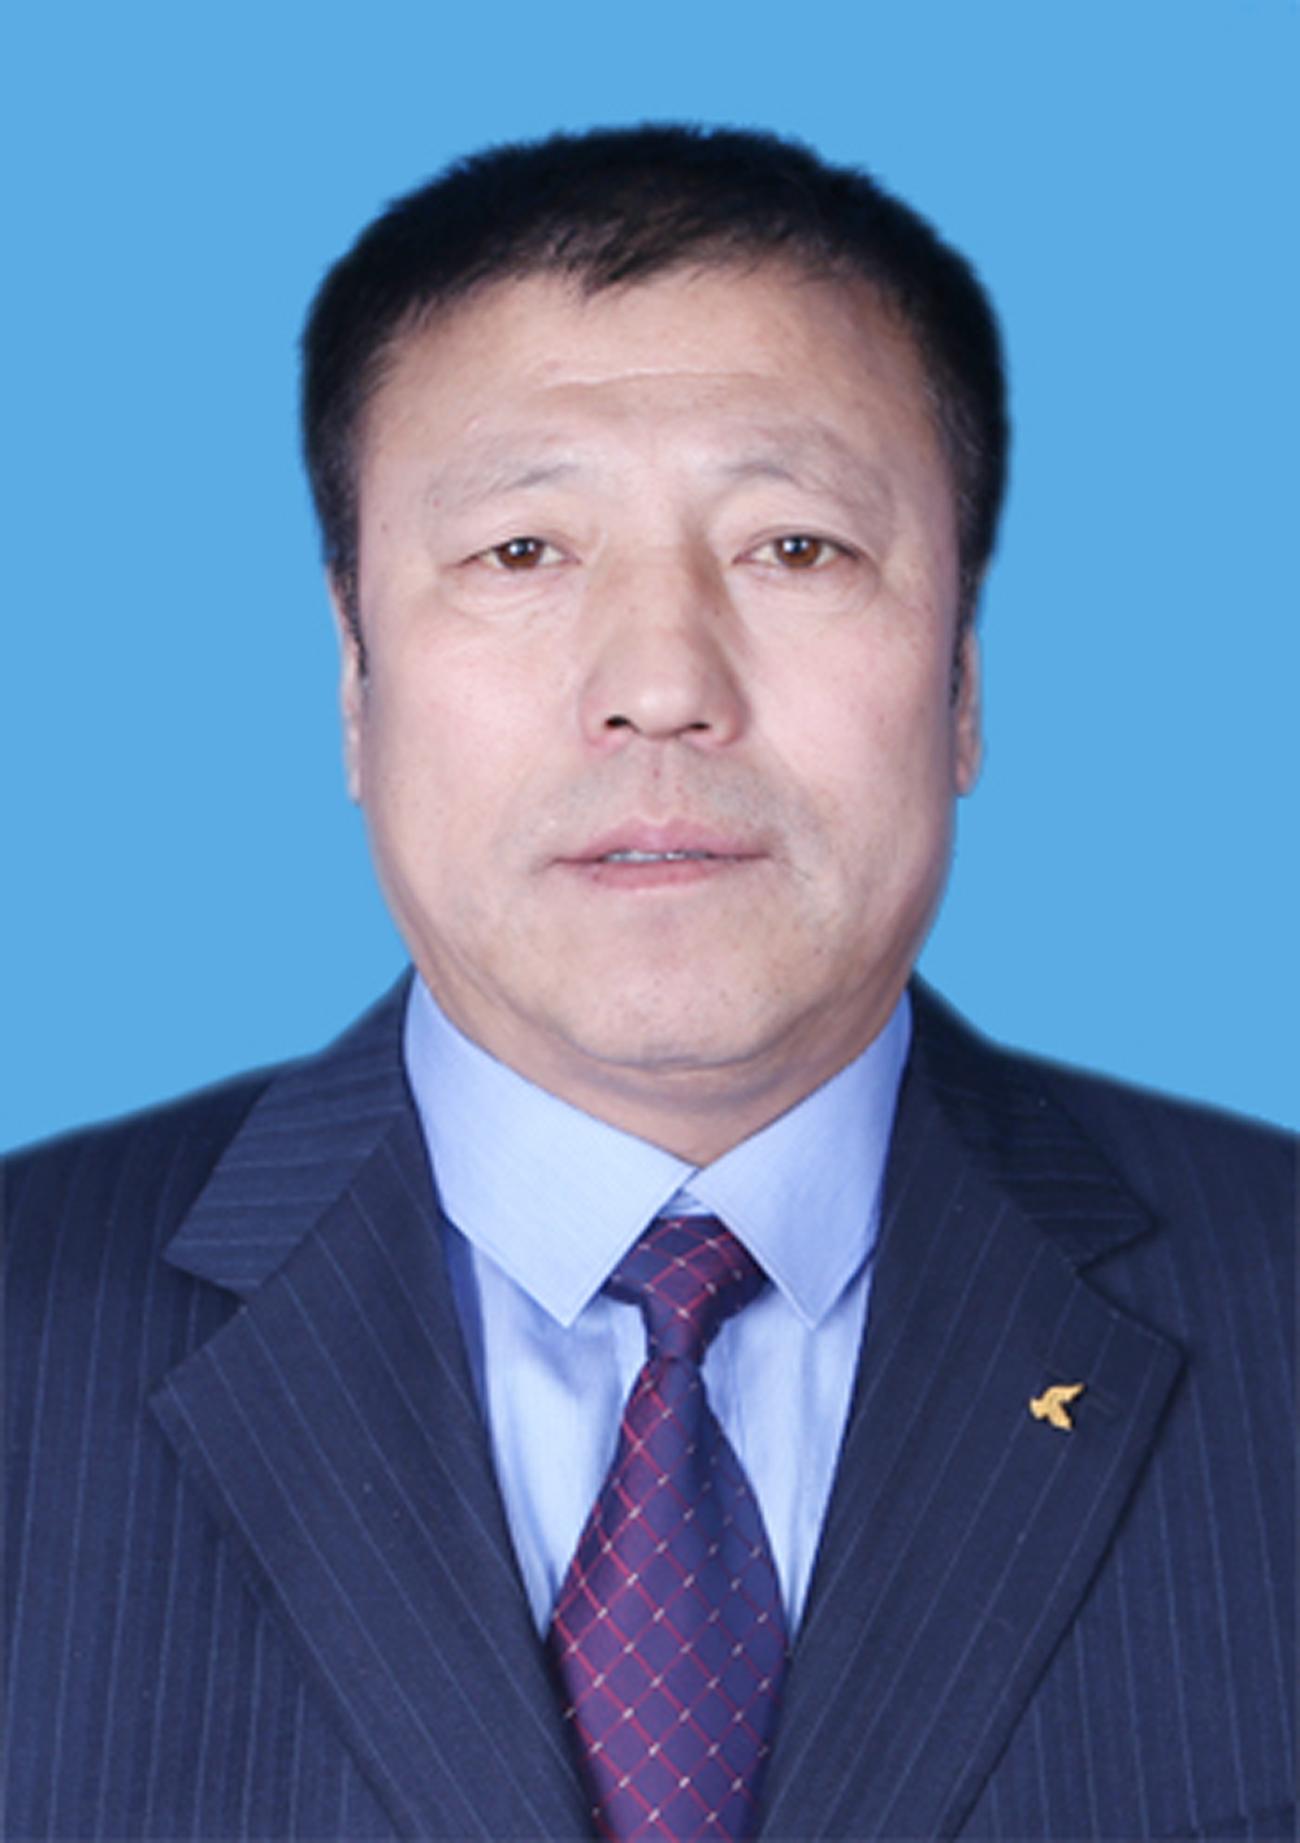 铁岭市助人为乐道德模范(王俊林).jpg